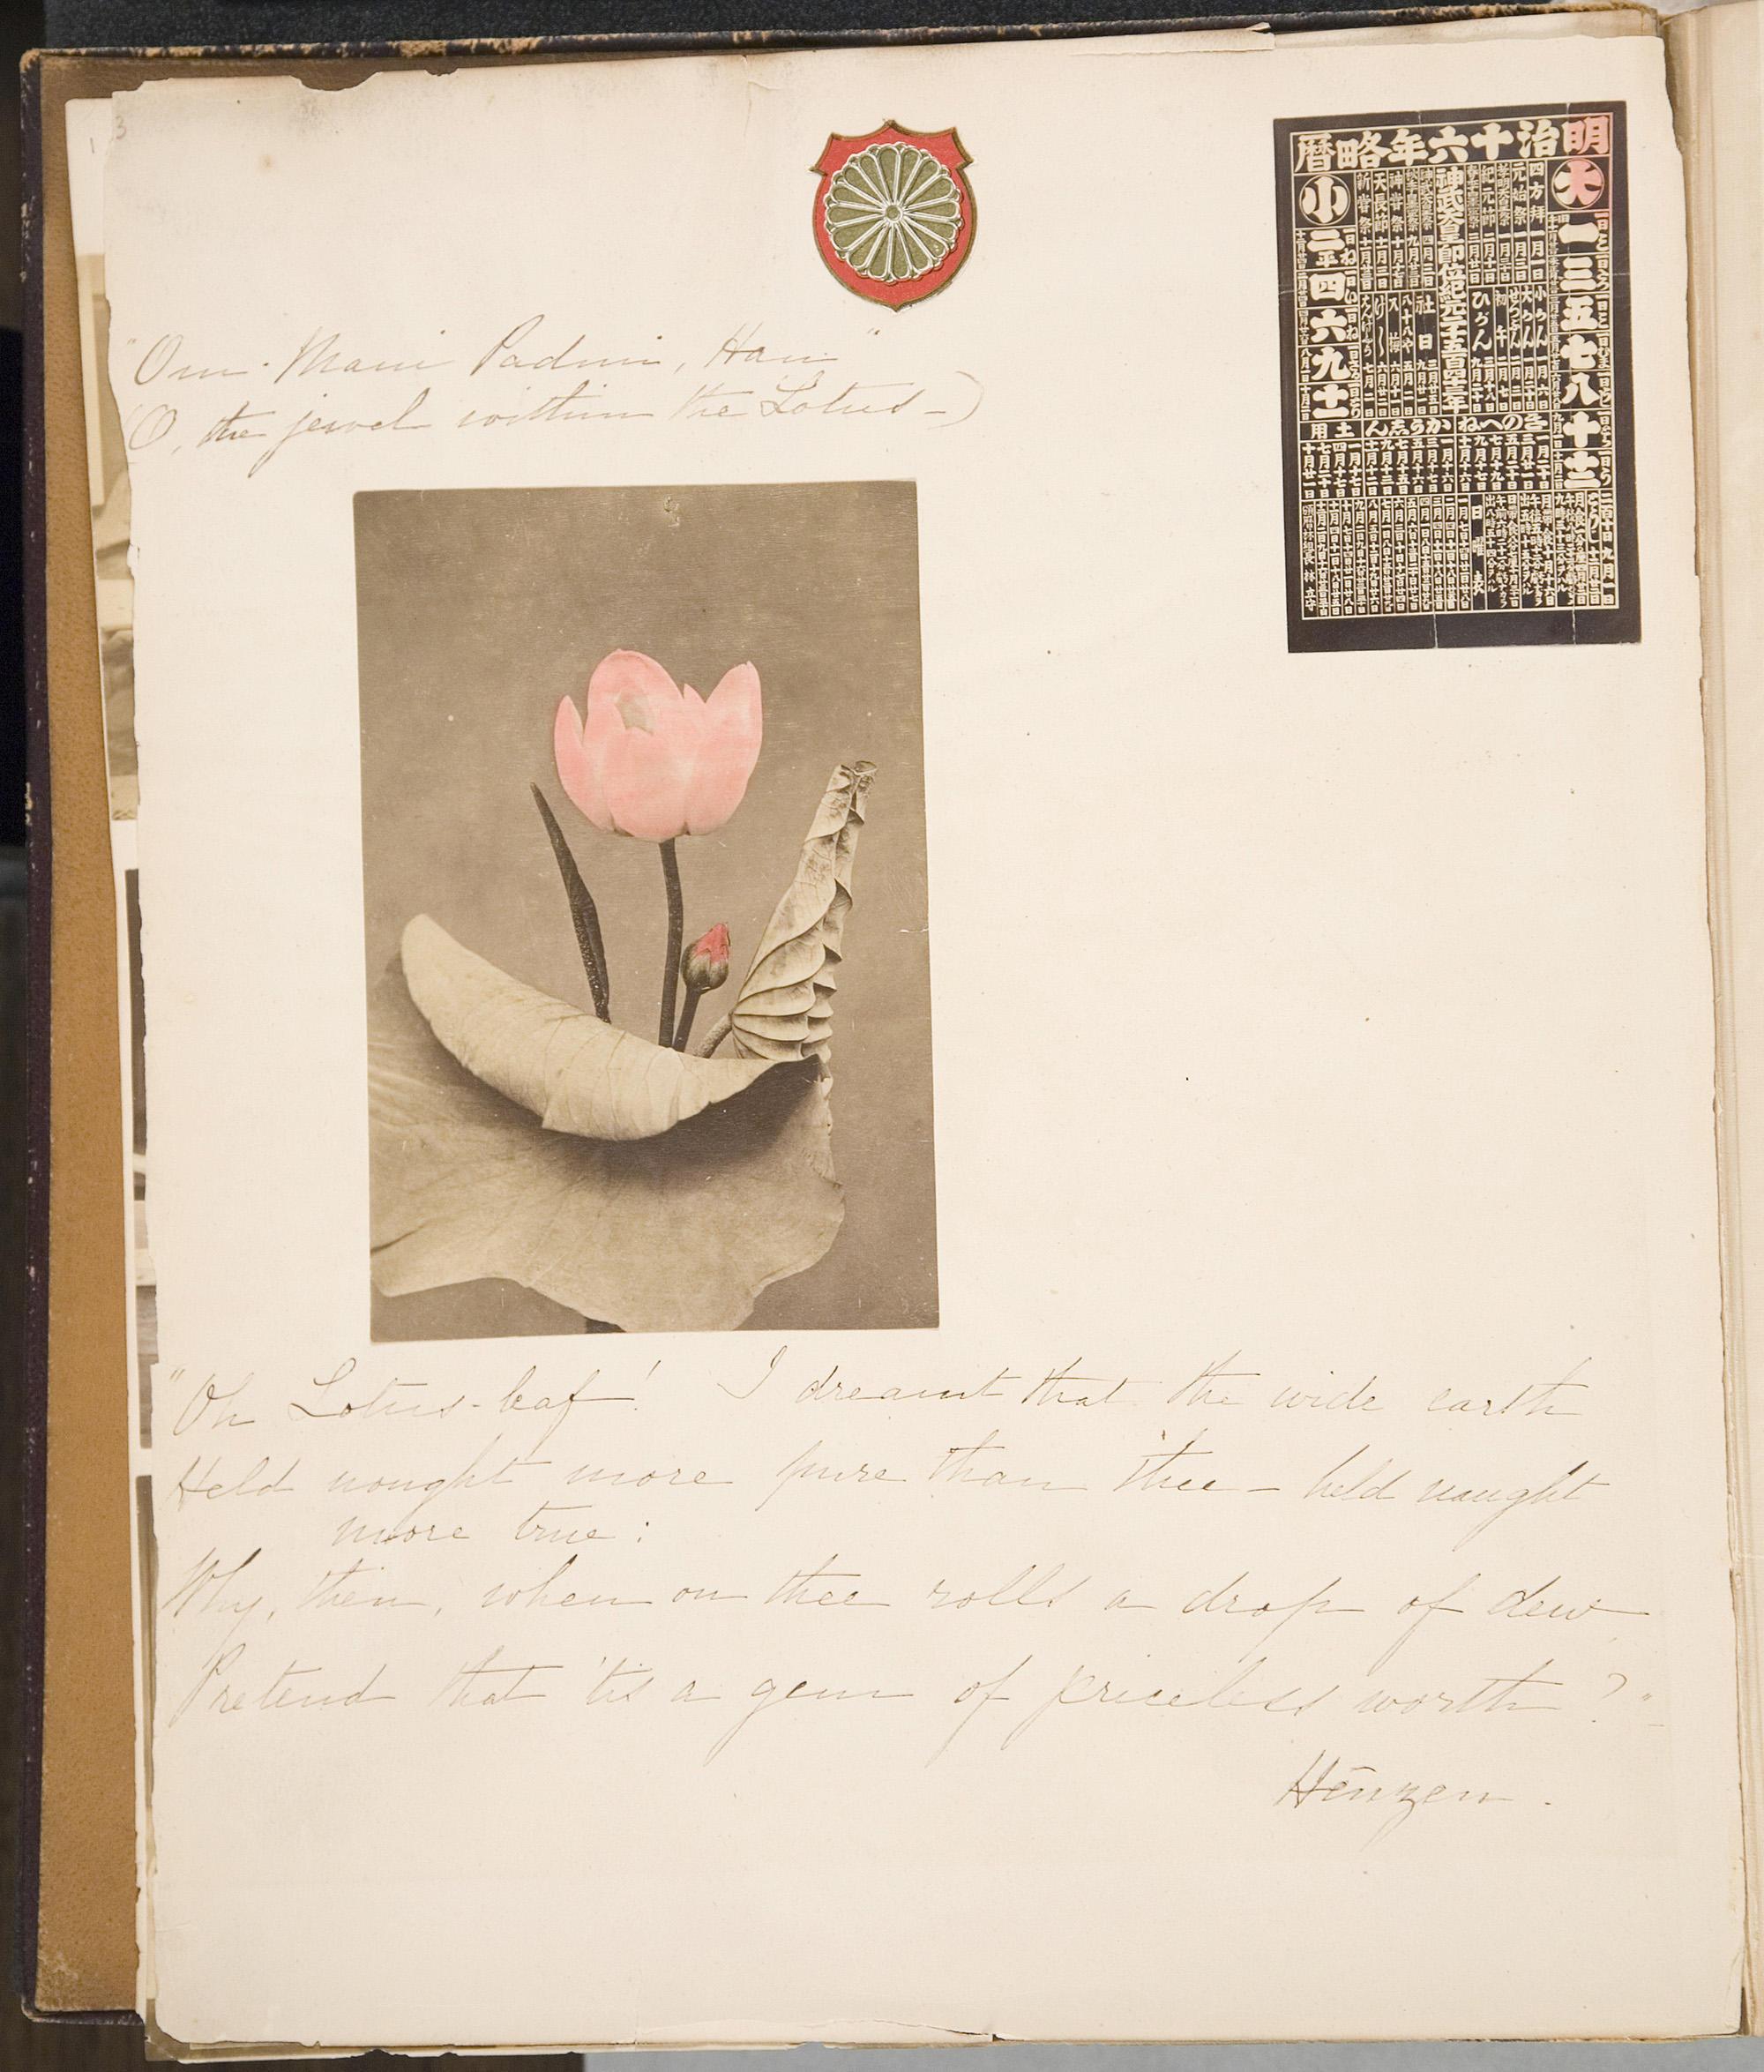 Isabella Stewart Gardner (American, 1840–1924), Travel Album: China and Japan, 1883, page 3